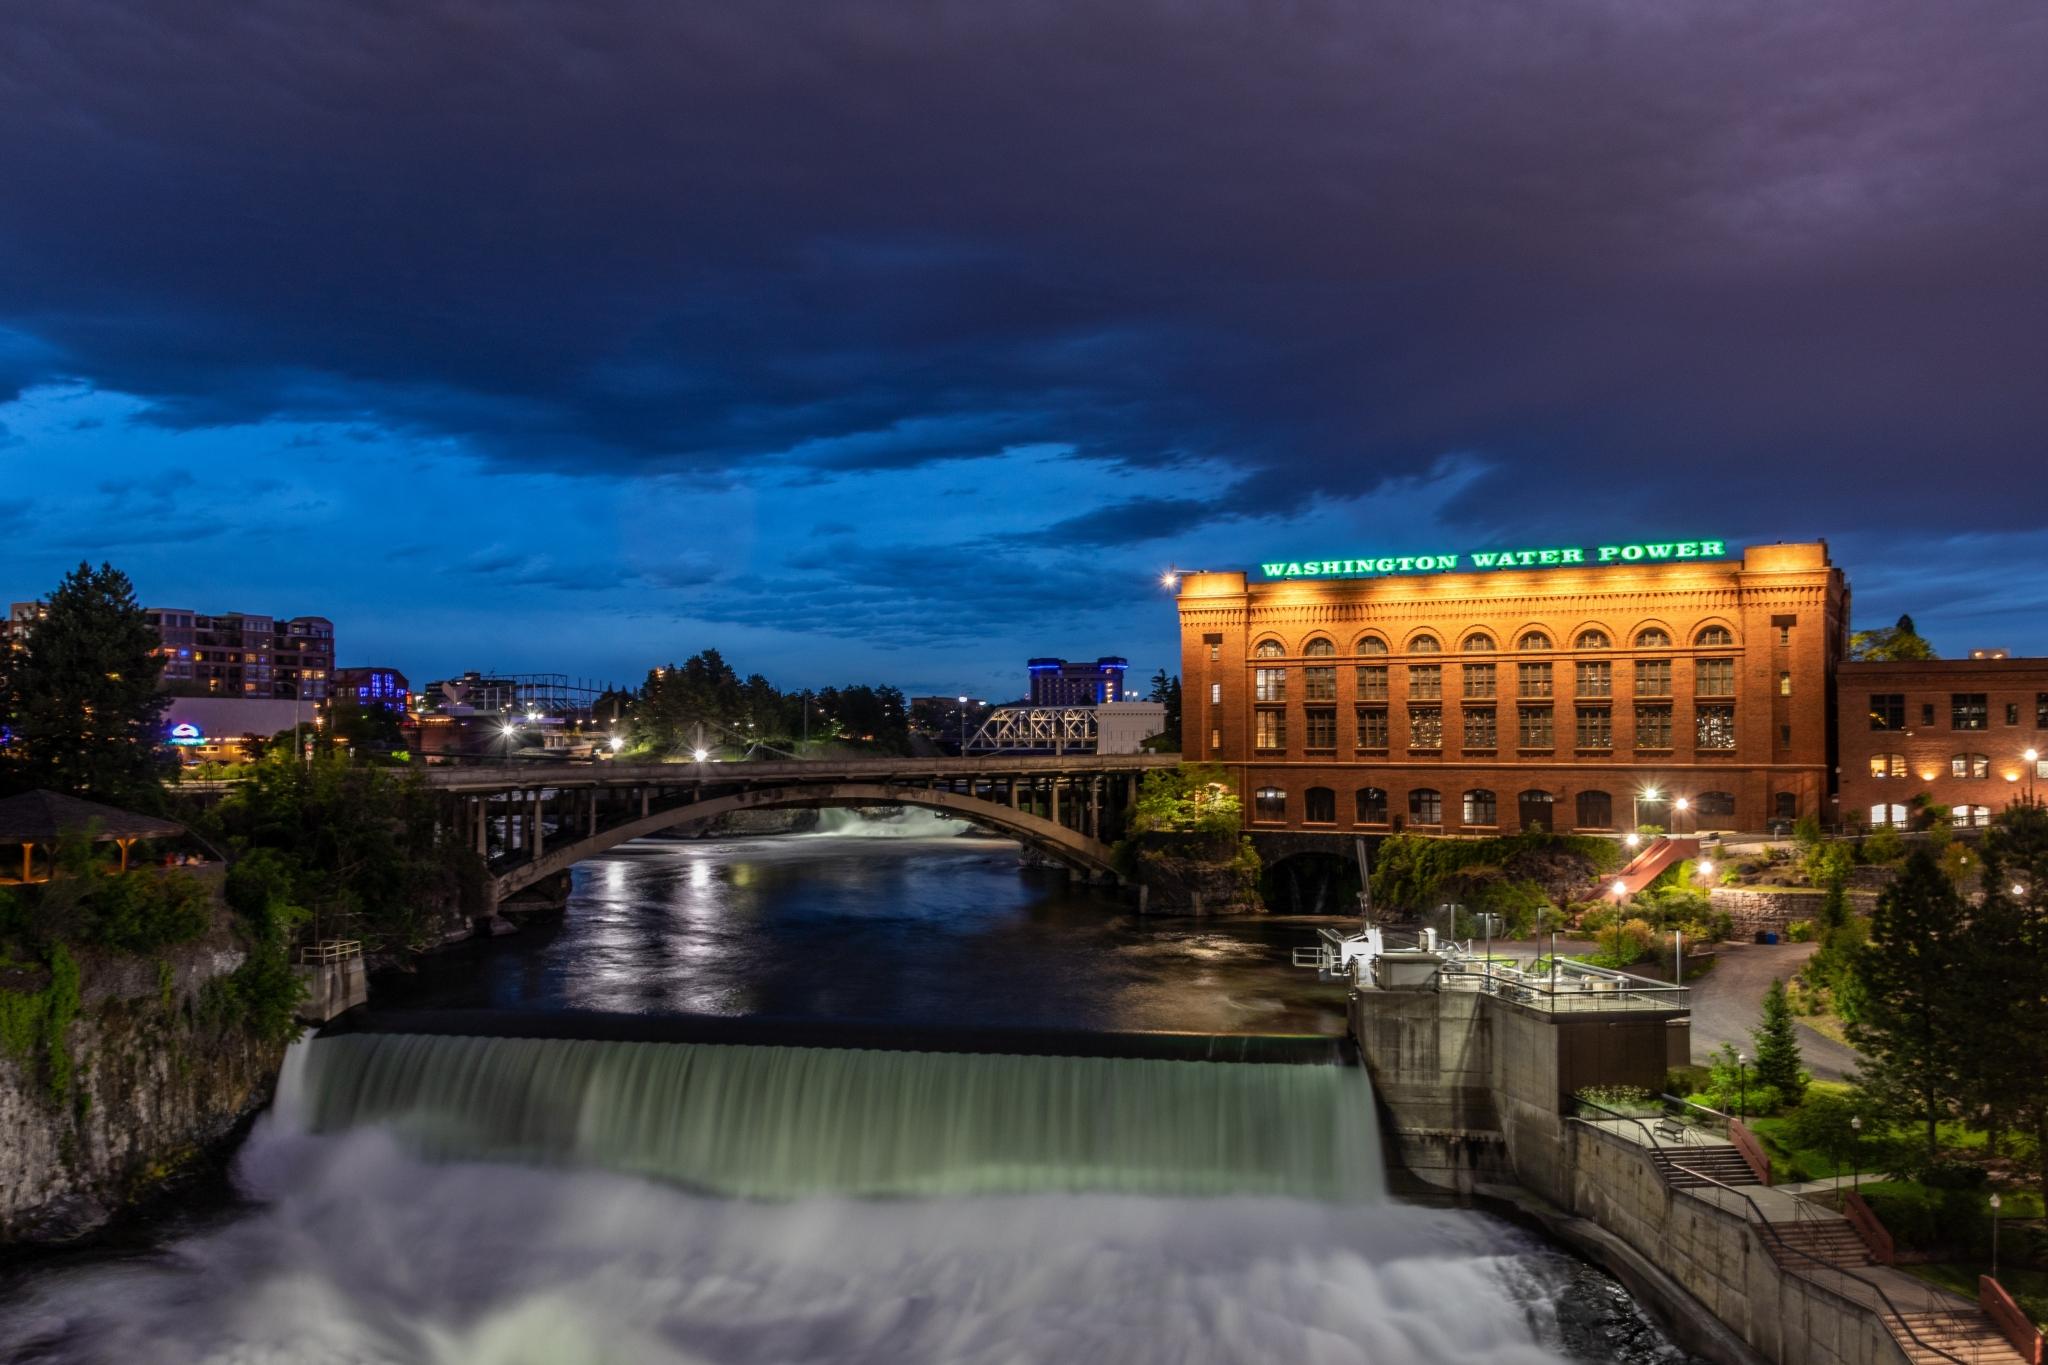 Night view of Spokane, Washington